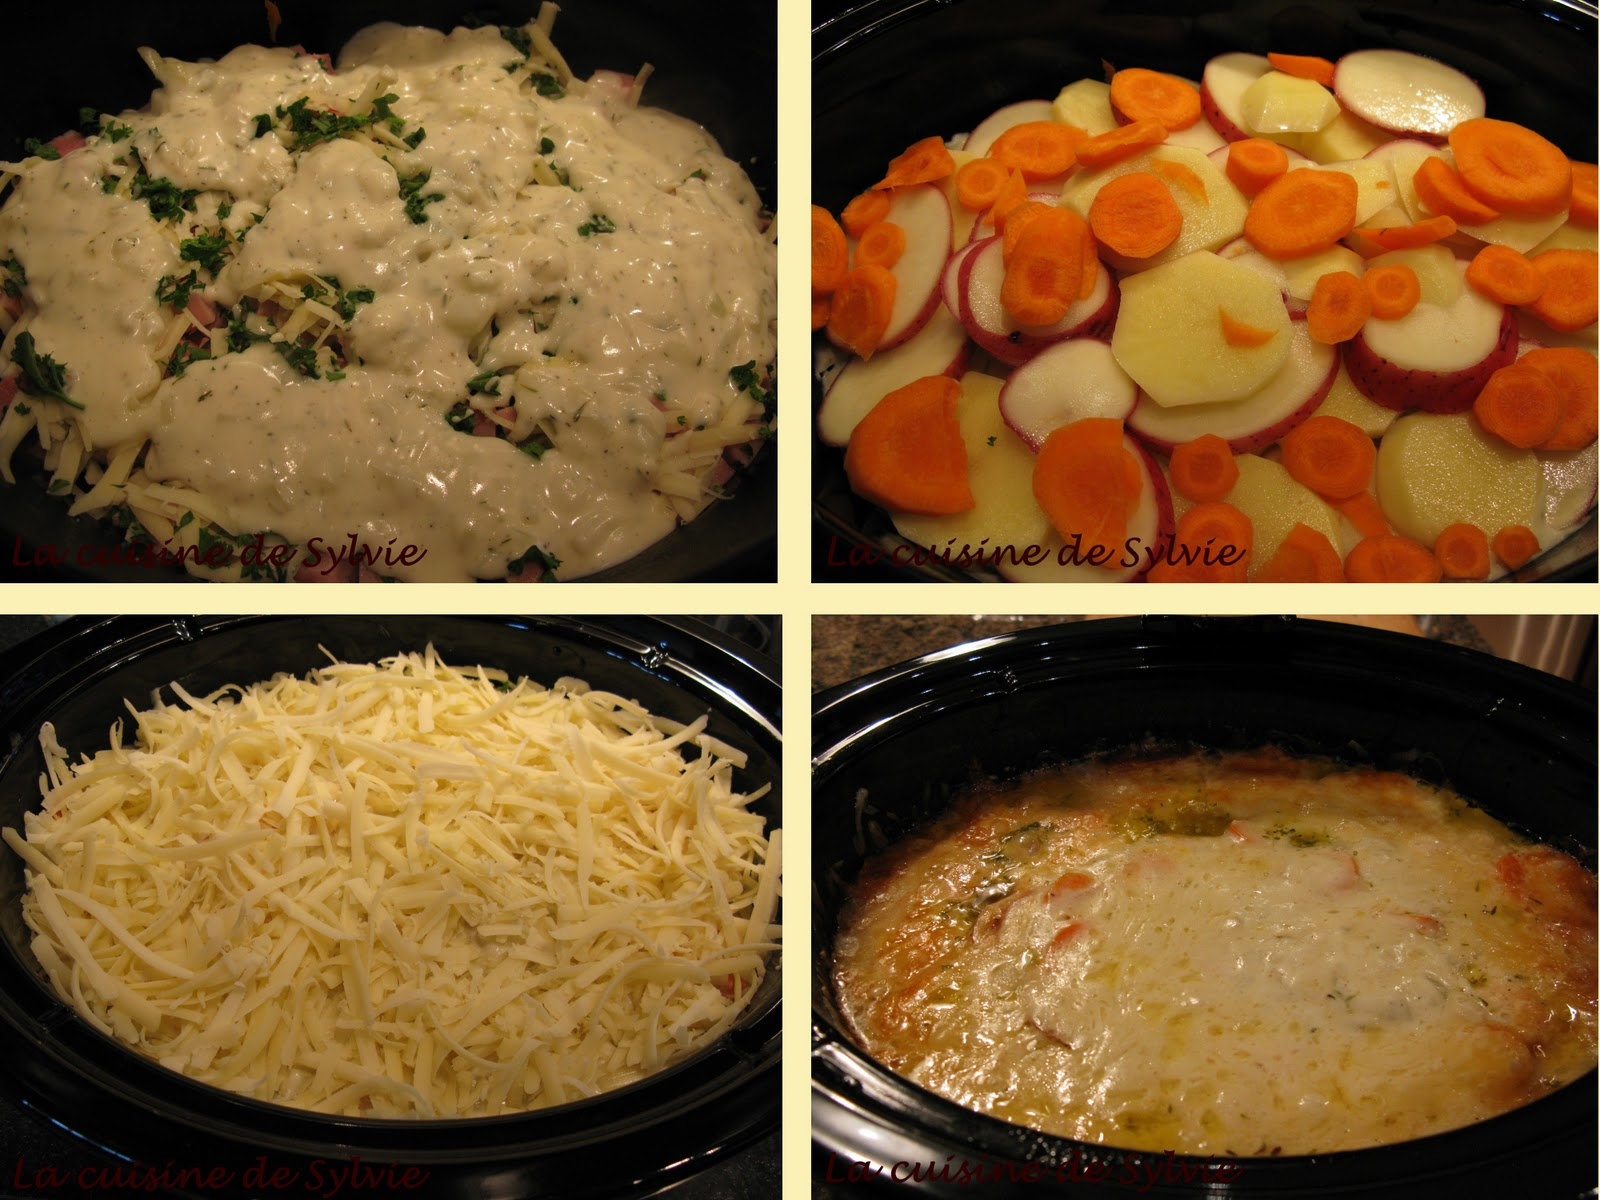 La cuisine de sylvie gratin de pommes de terre au jambon la mijoteuse - Gratin de pommes de terre au four ...